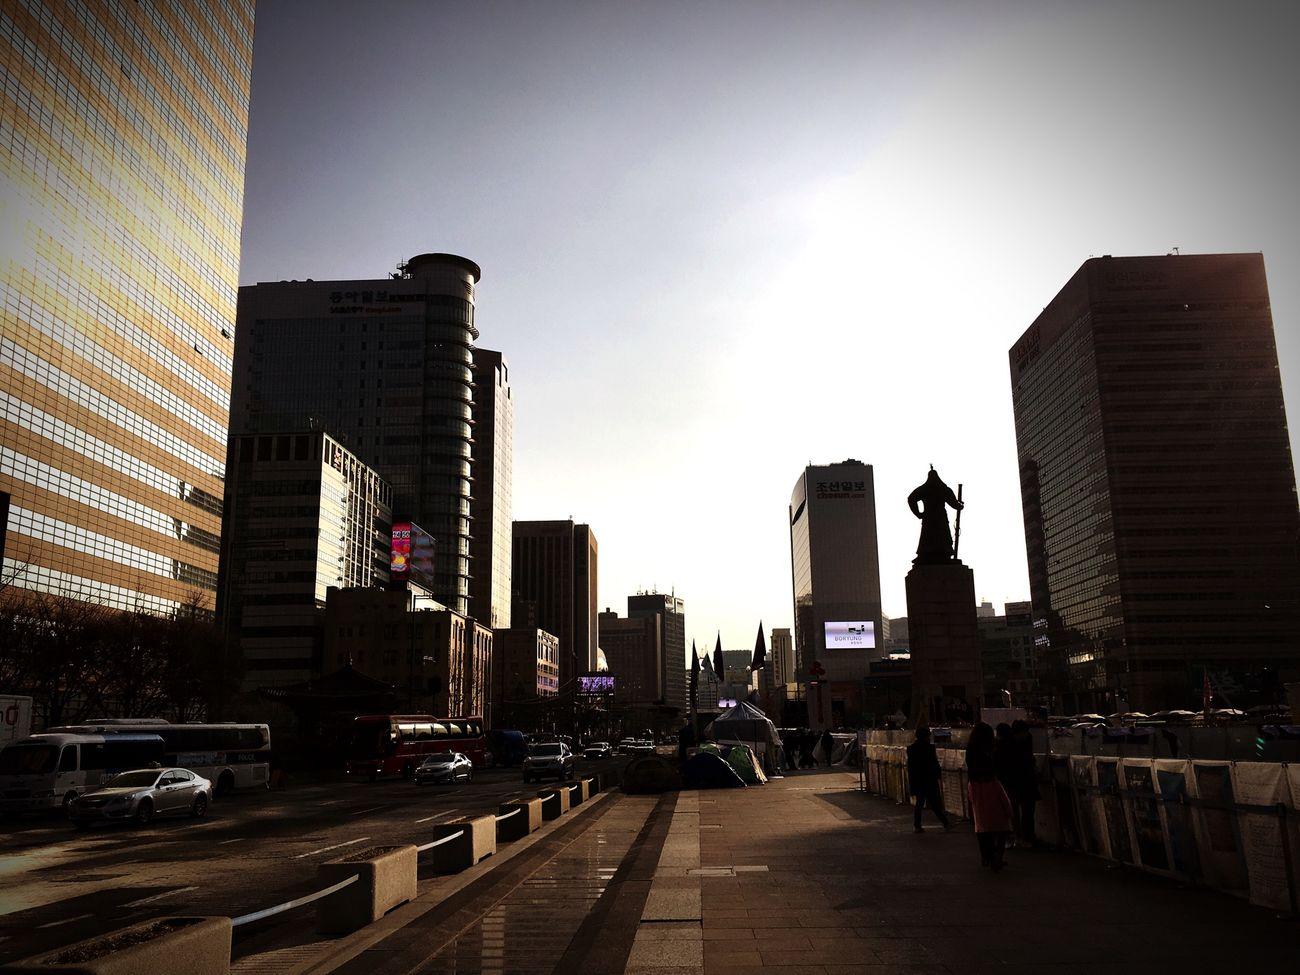 Seoul, Korea Sunset Walking Around Hello World